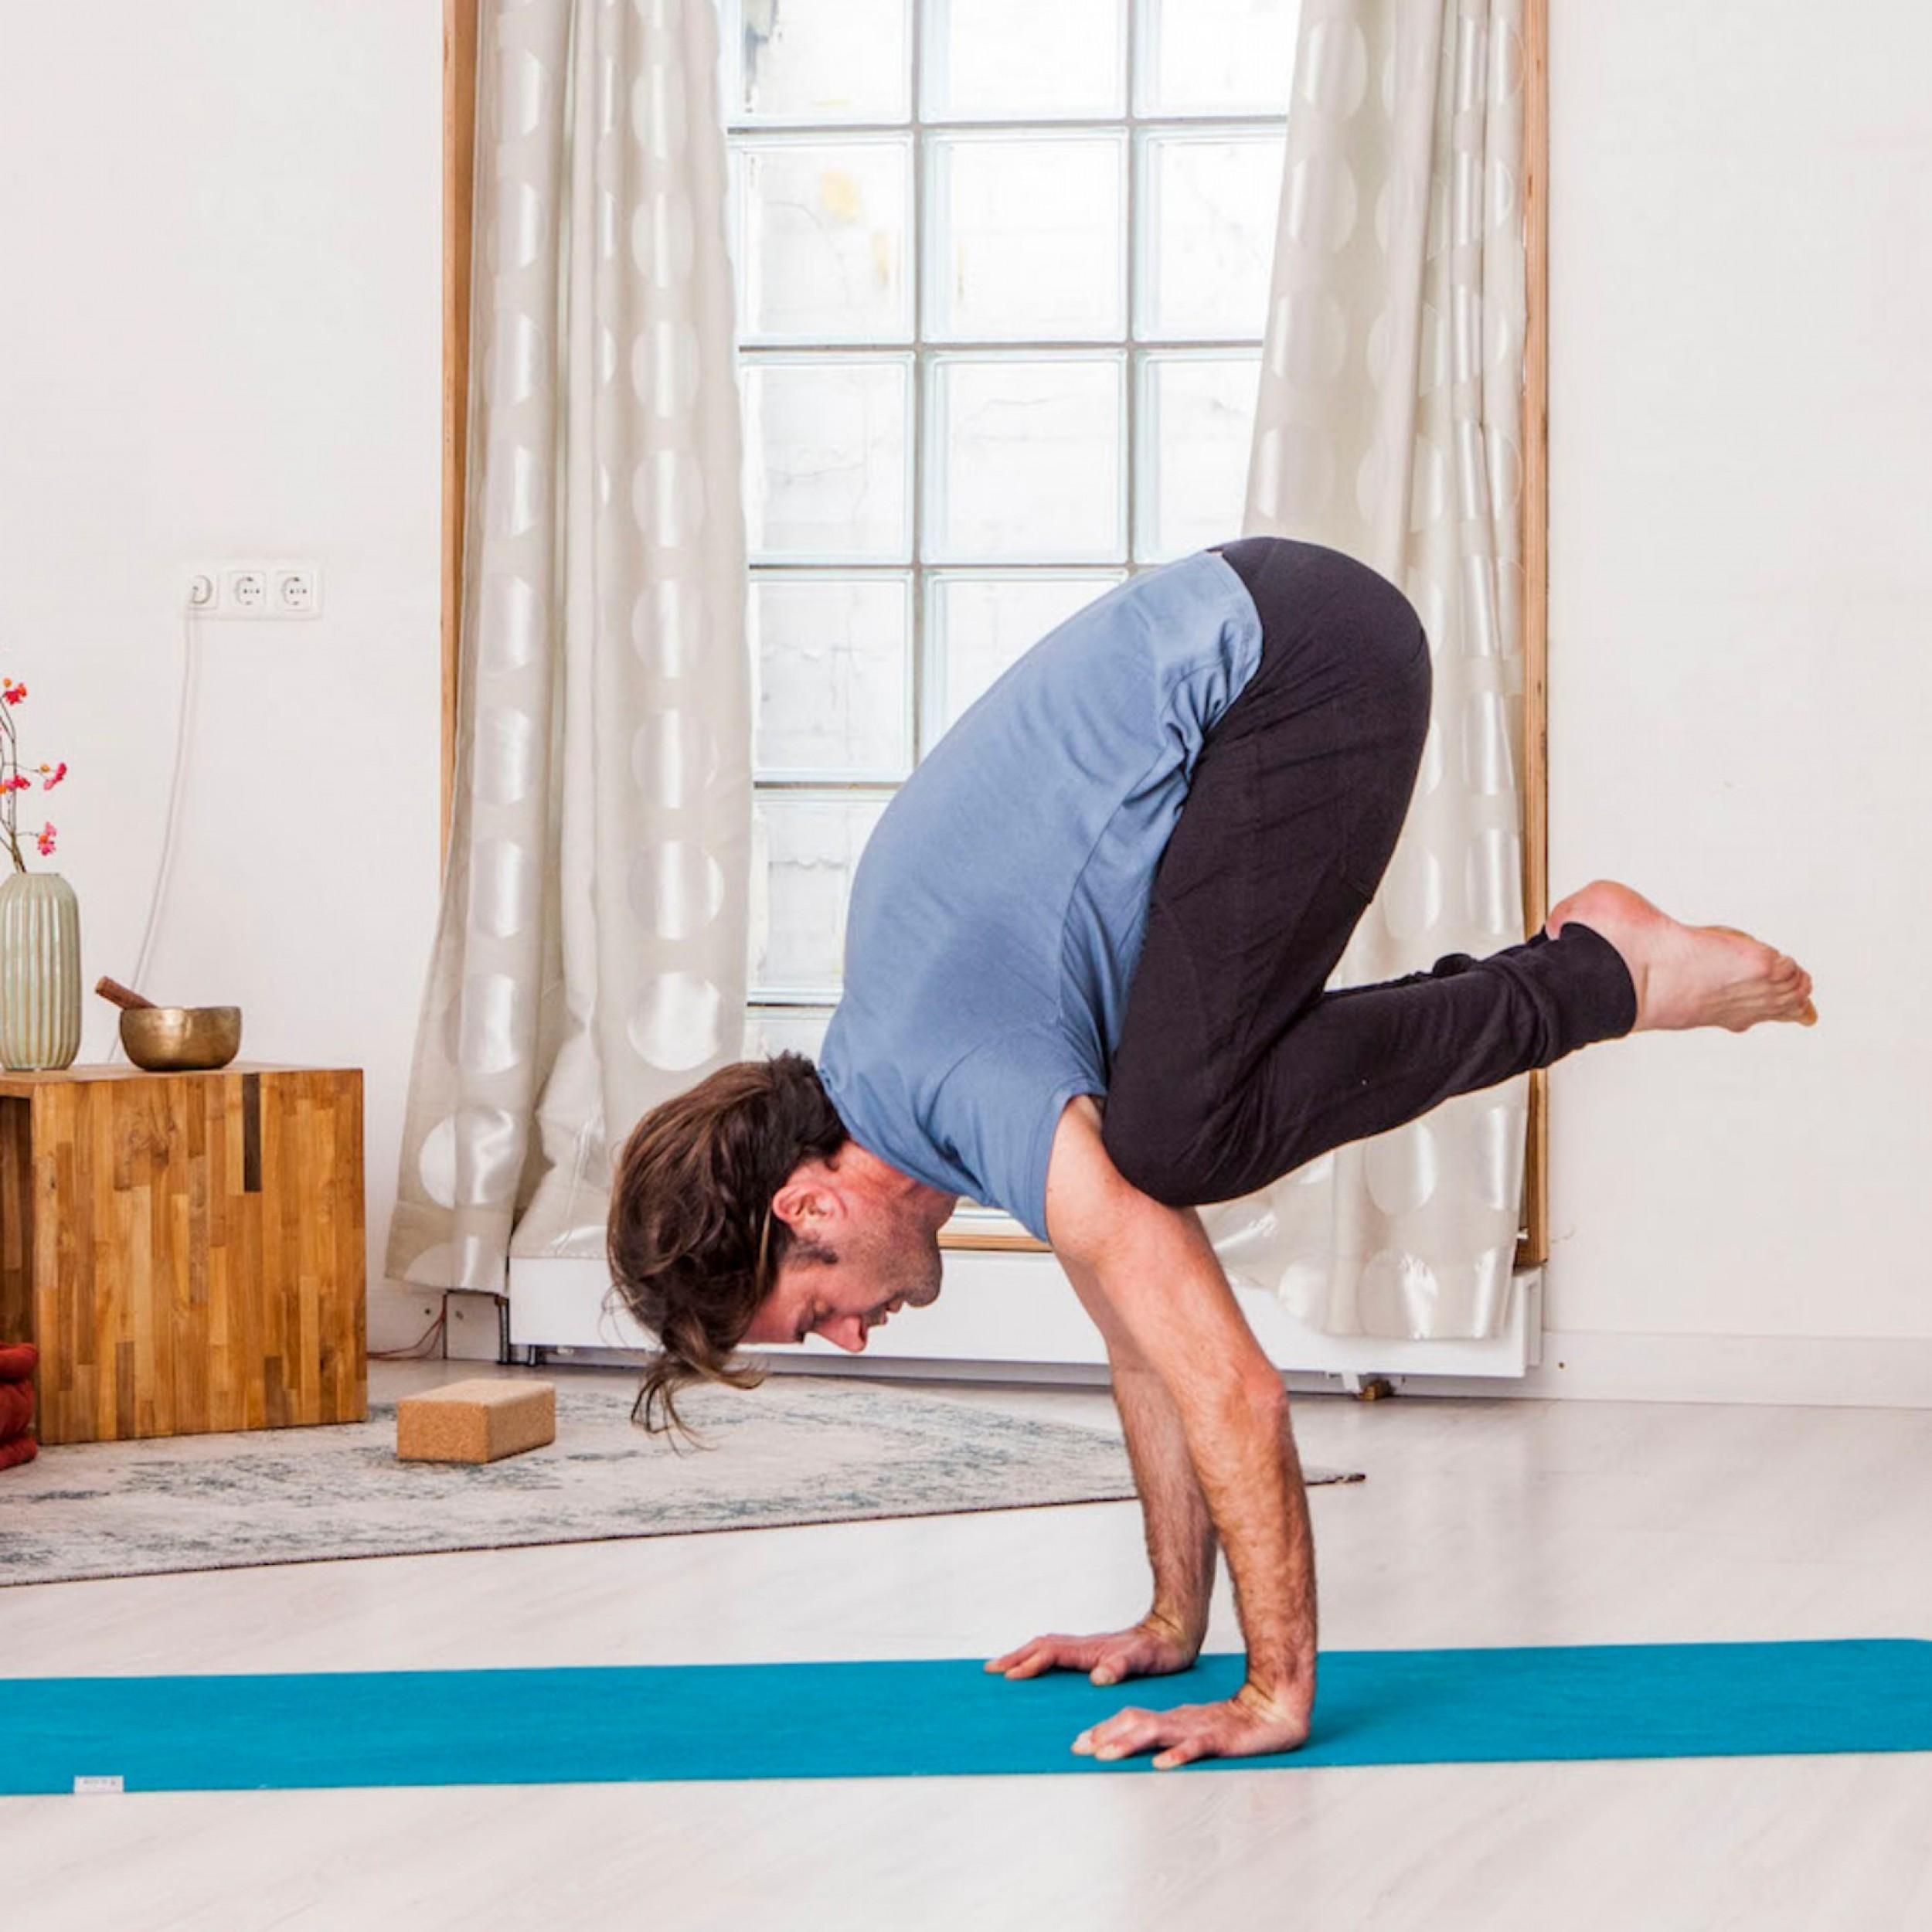 Find your Yoga Rhythm - Energizing classes